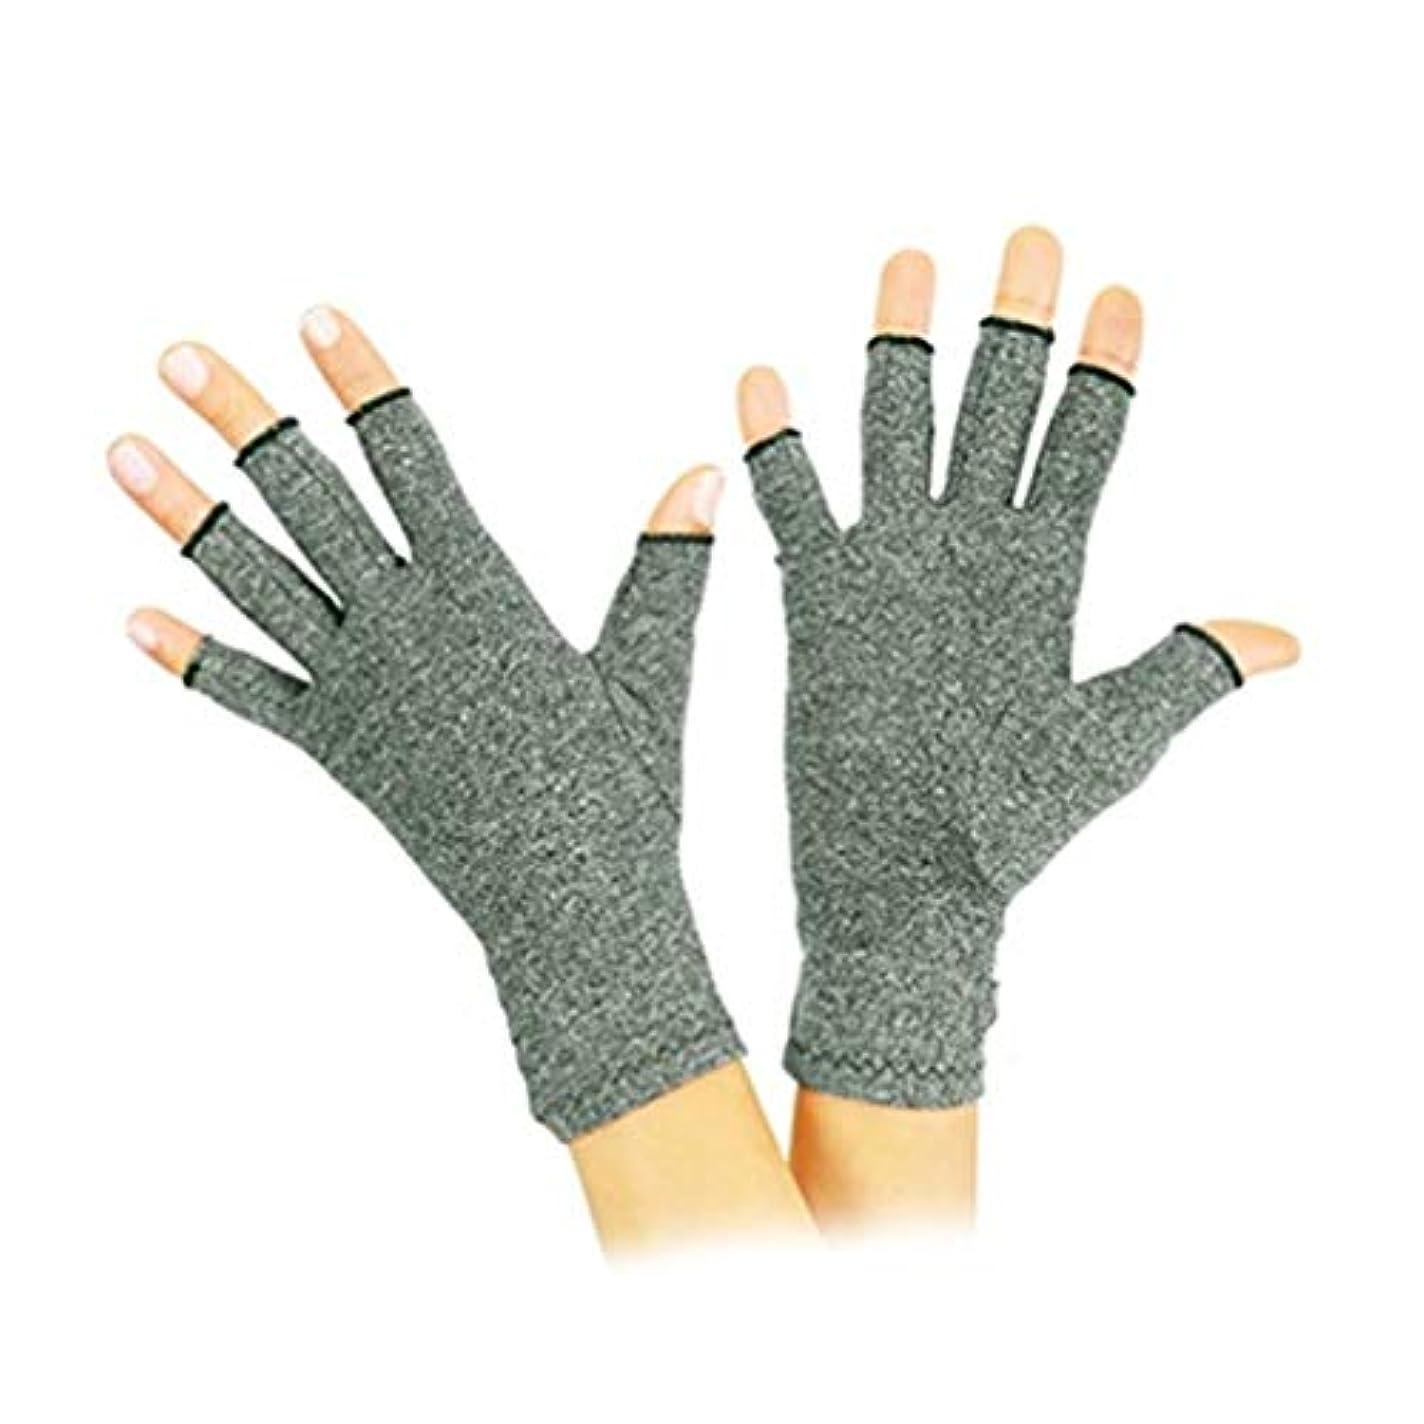 瀬戸際故障中極貧関節リウマチリウマチ性変形性関節症用手袋圧縮手袋コンピュータ入力用痛み緩和